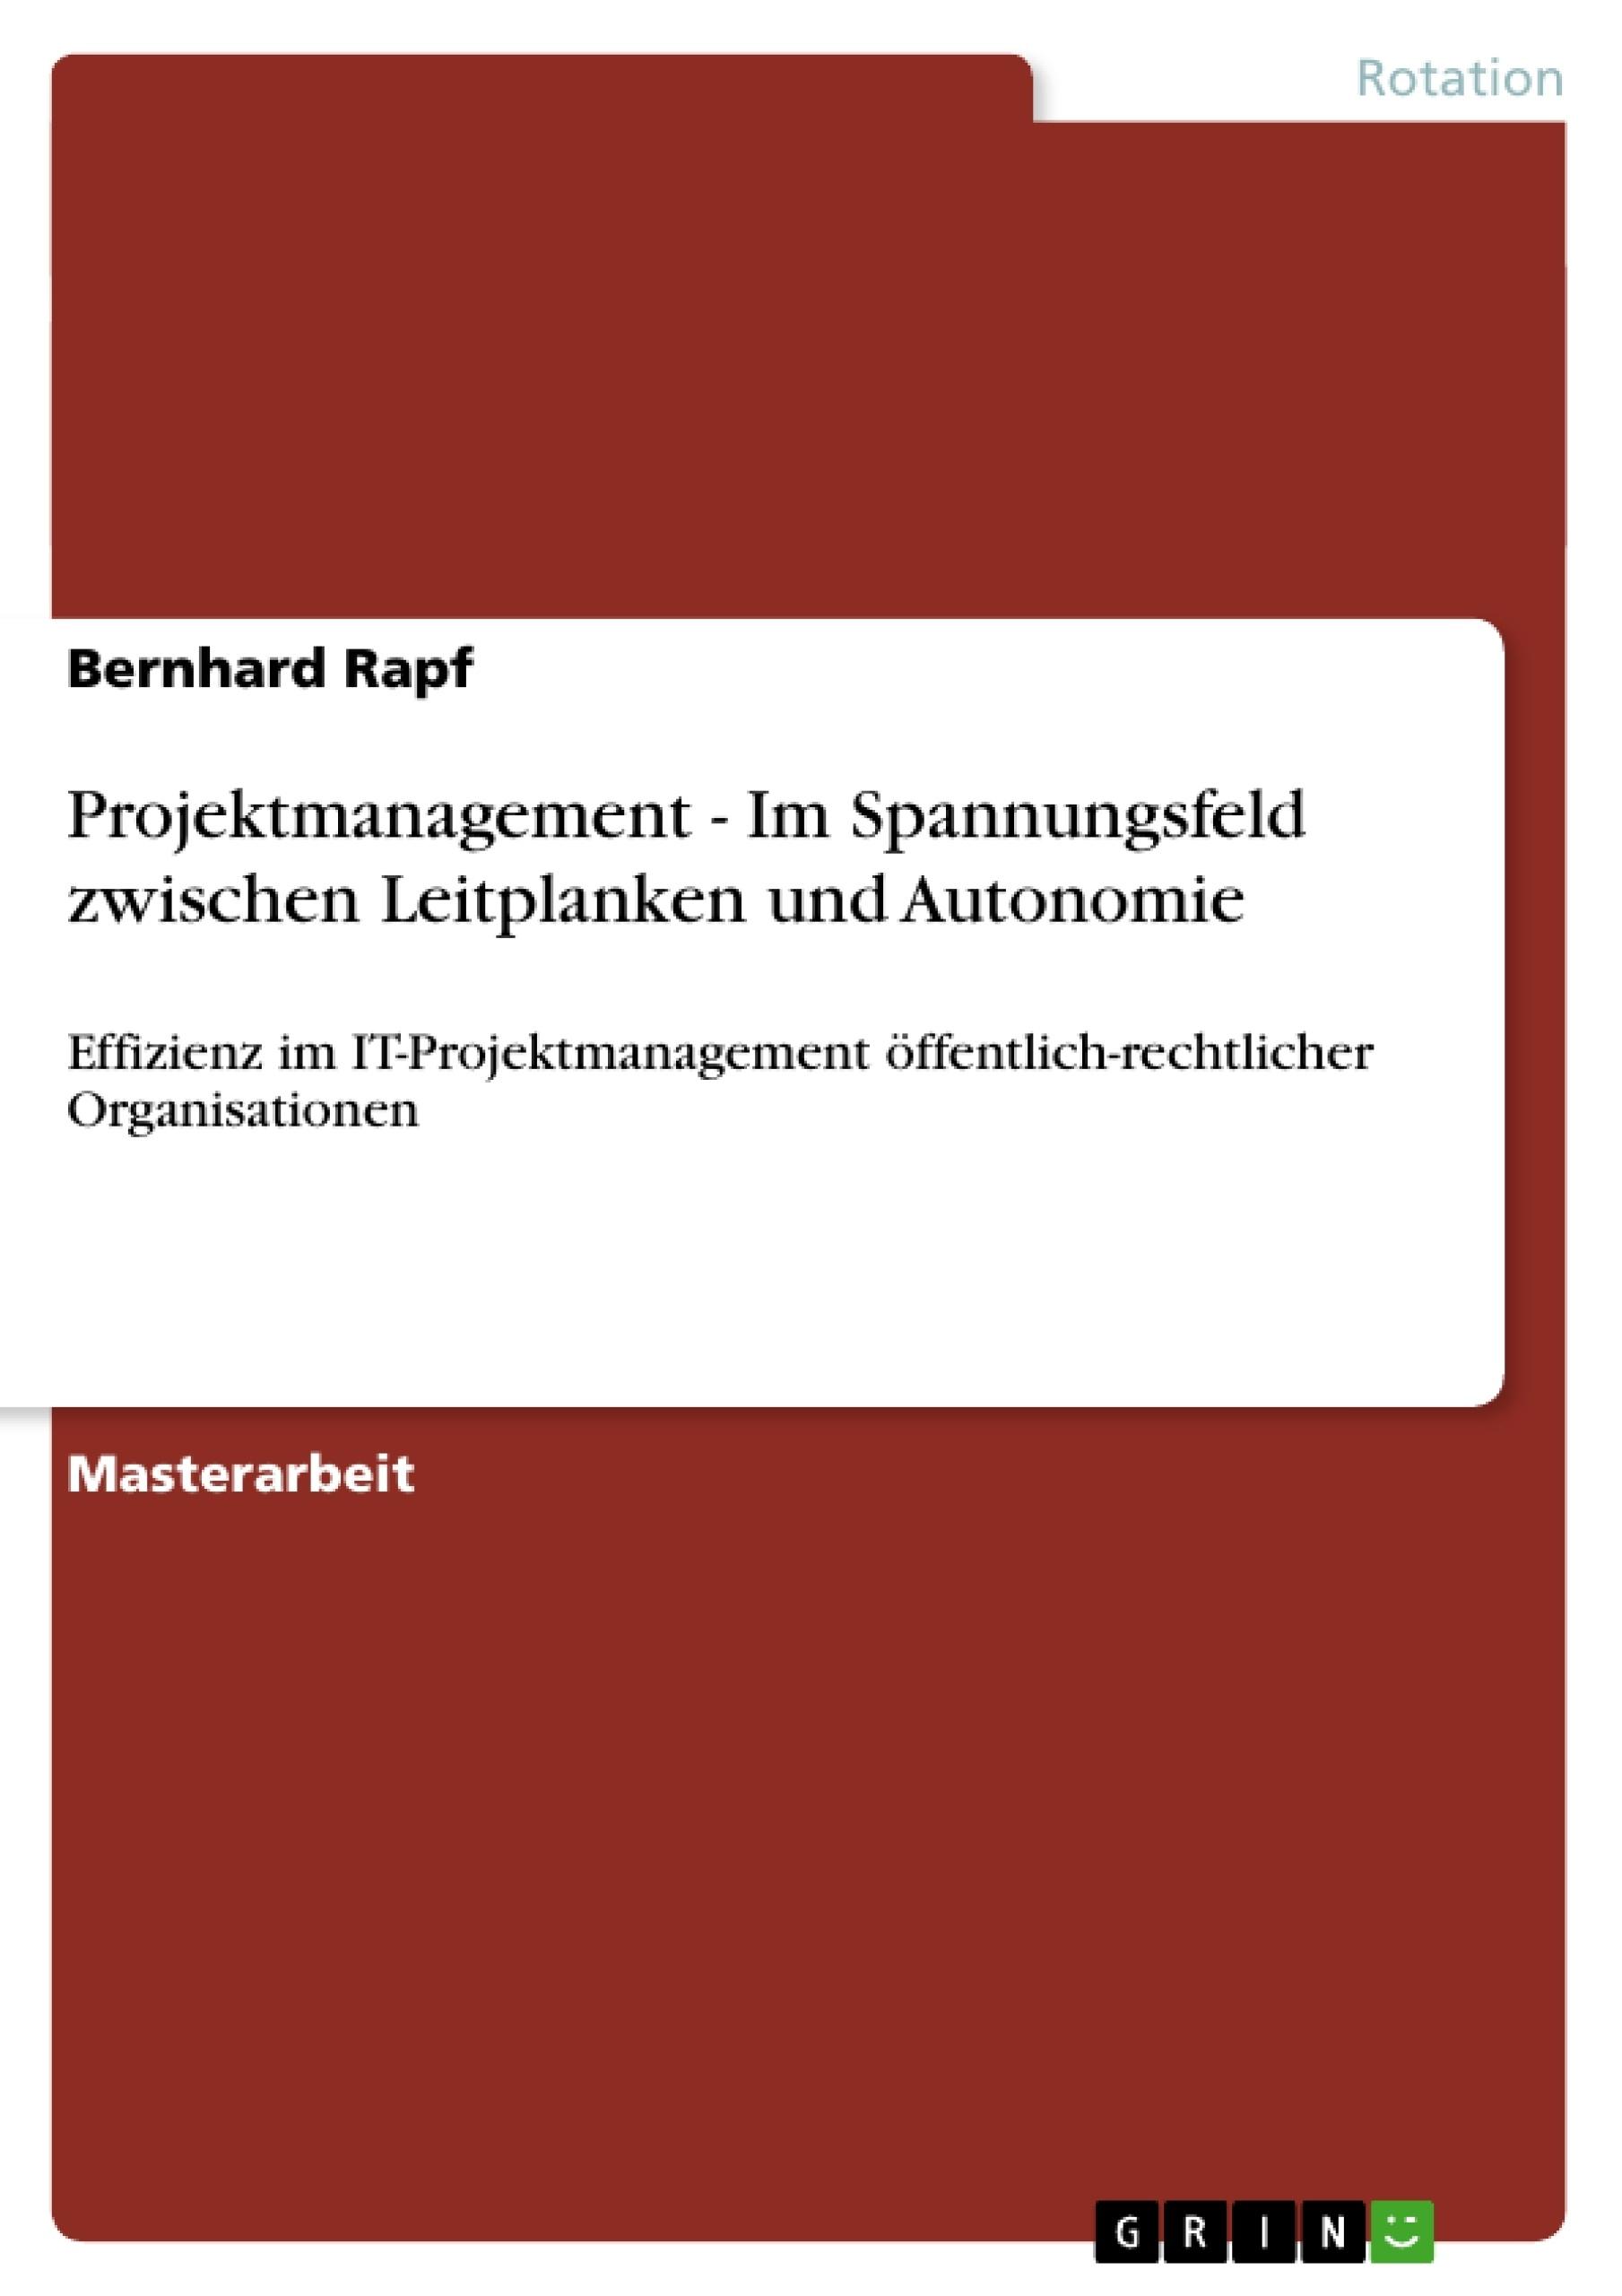 Titel: Projektmanagement - Im Spannungsfeld zwischen Leitplanken und Autonomie